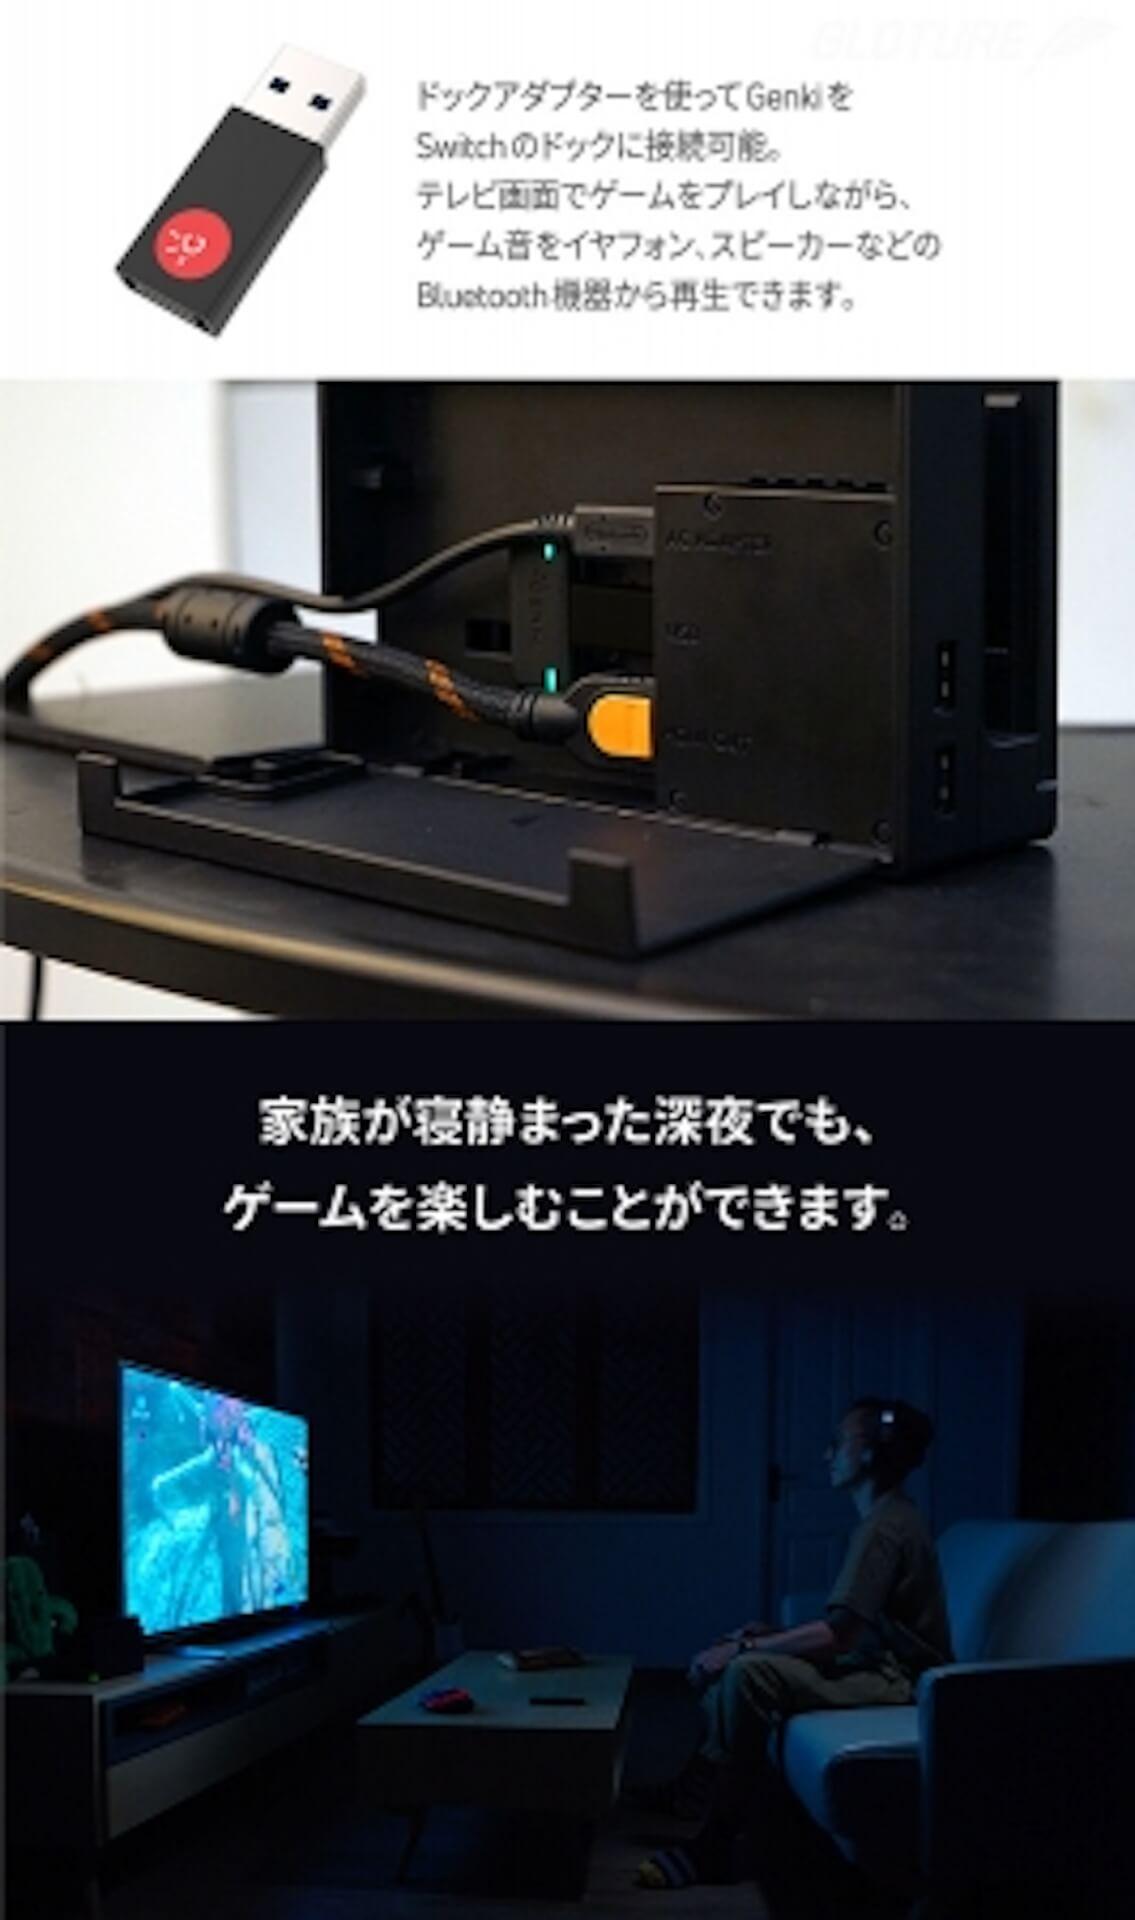 Nintendo Switchをワイヤレスイヤホン/スピーカーで楽しもう!Bluetooth対応アダプタ「Genki」がGlotureで発売中 tech200414_nintendoswitch_9